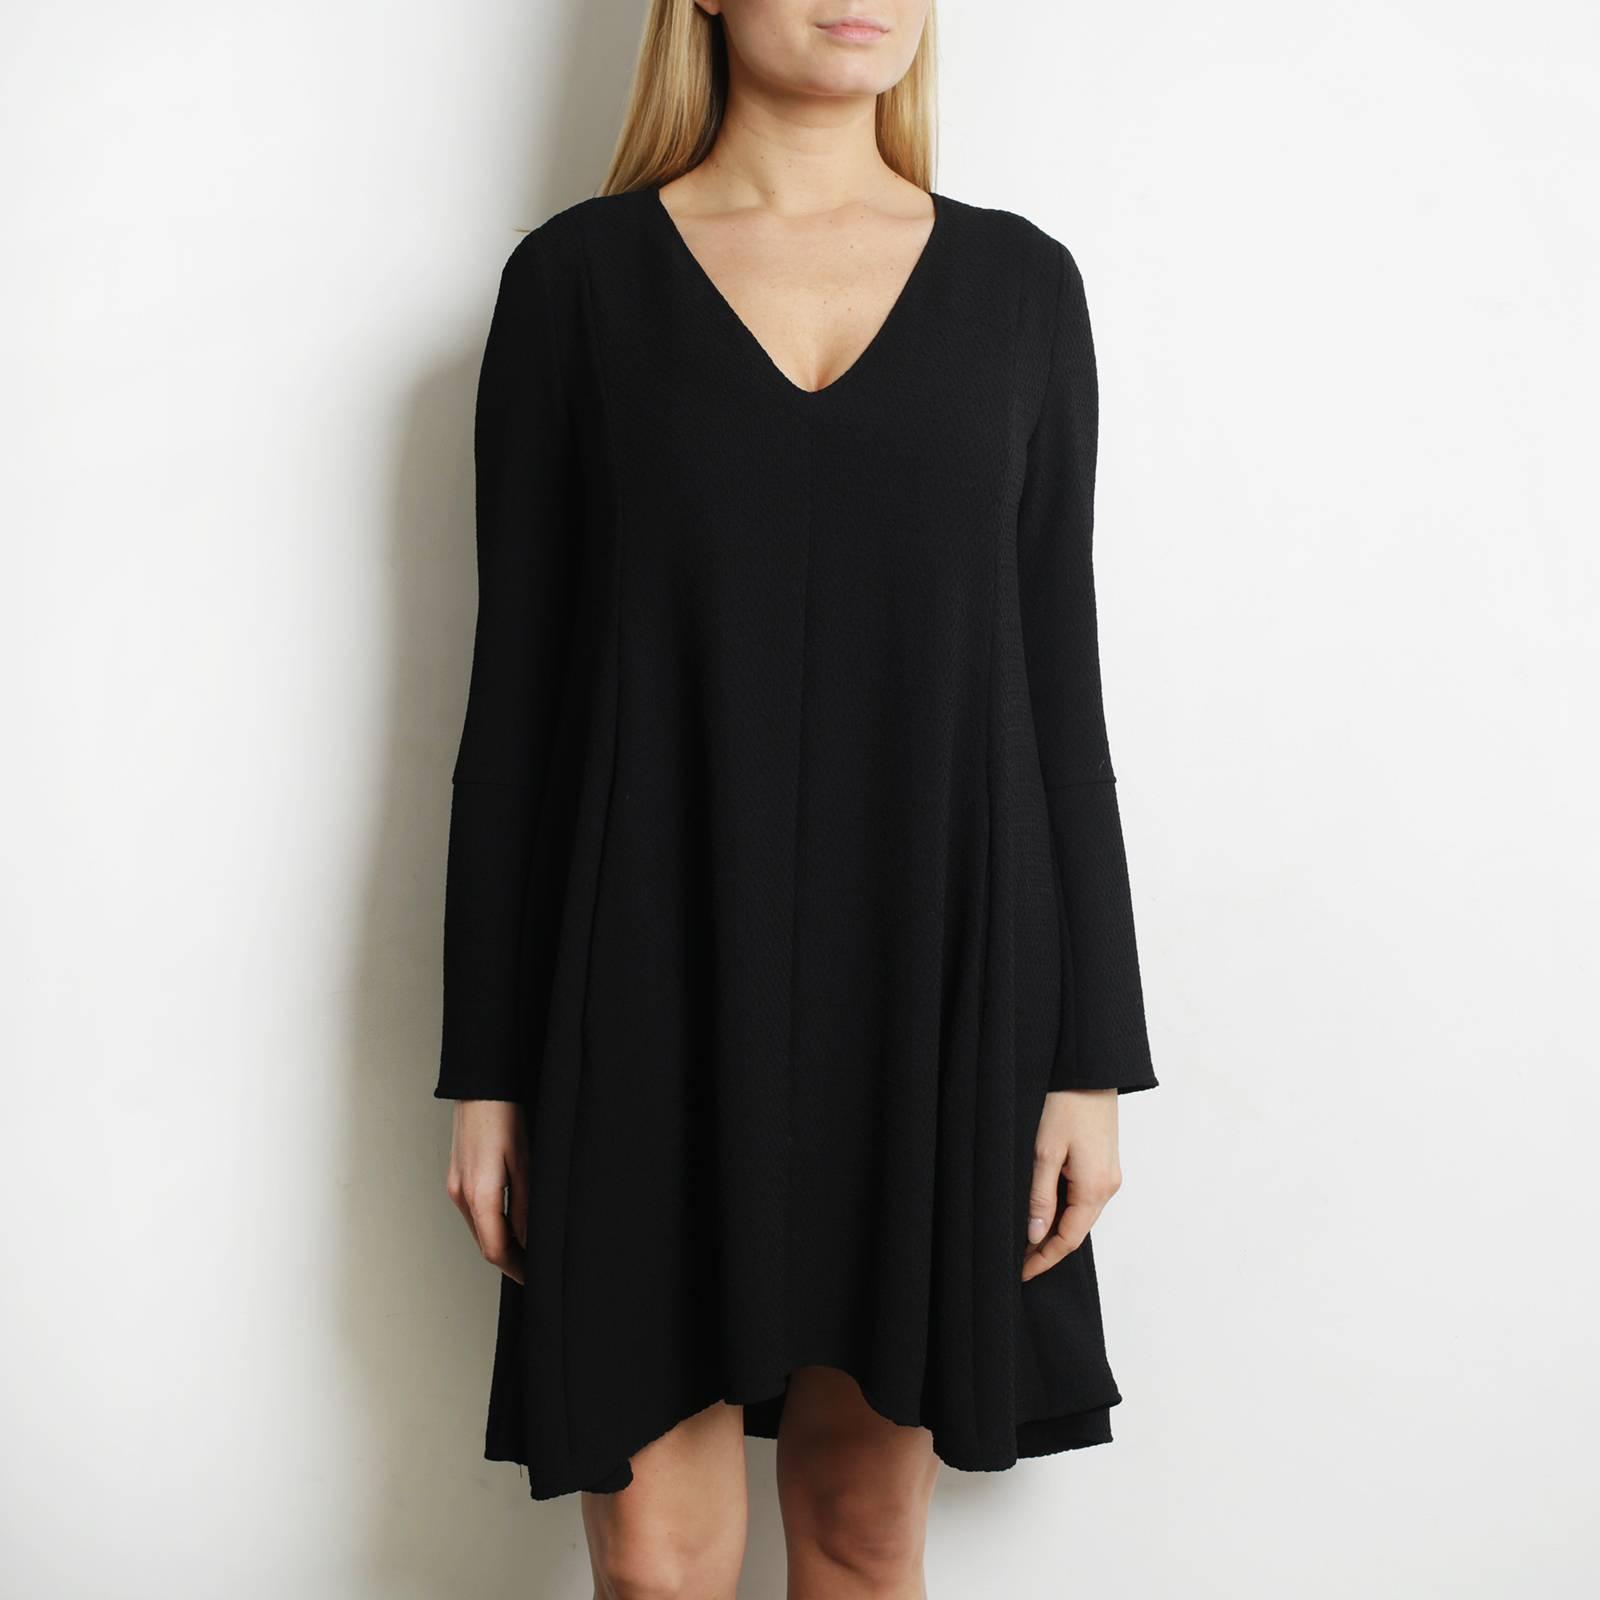 Купить платье See by Chloe в Москве с доставкой по цене 6300 рублей ... 9d31f8ad88e